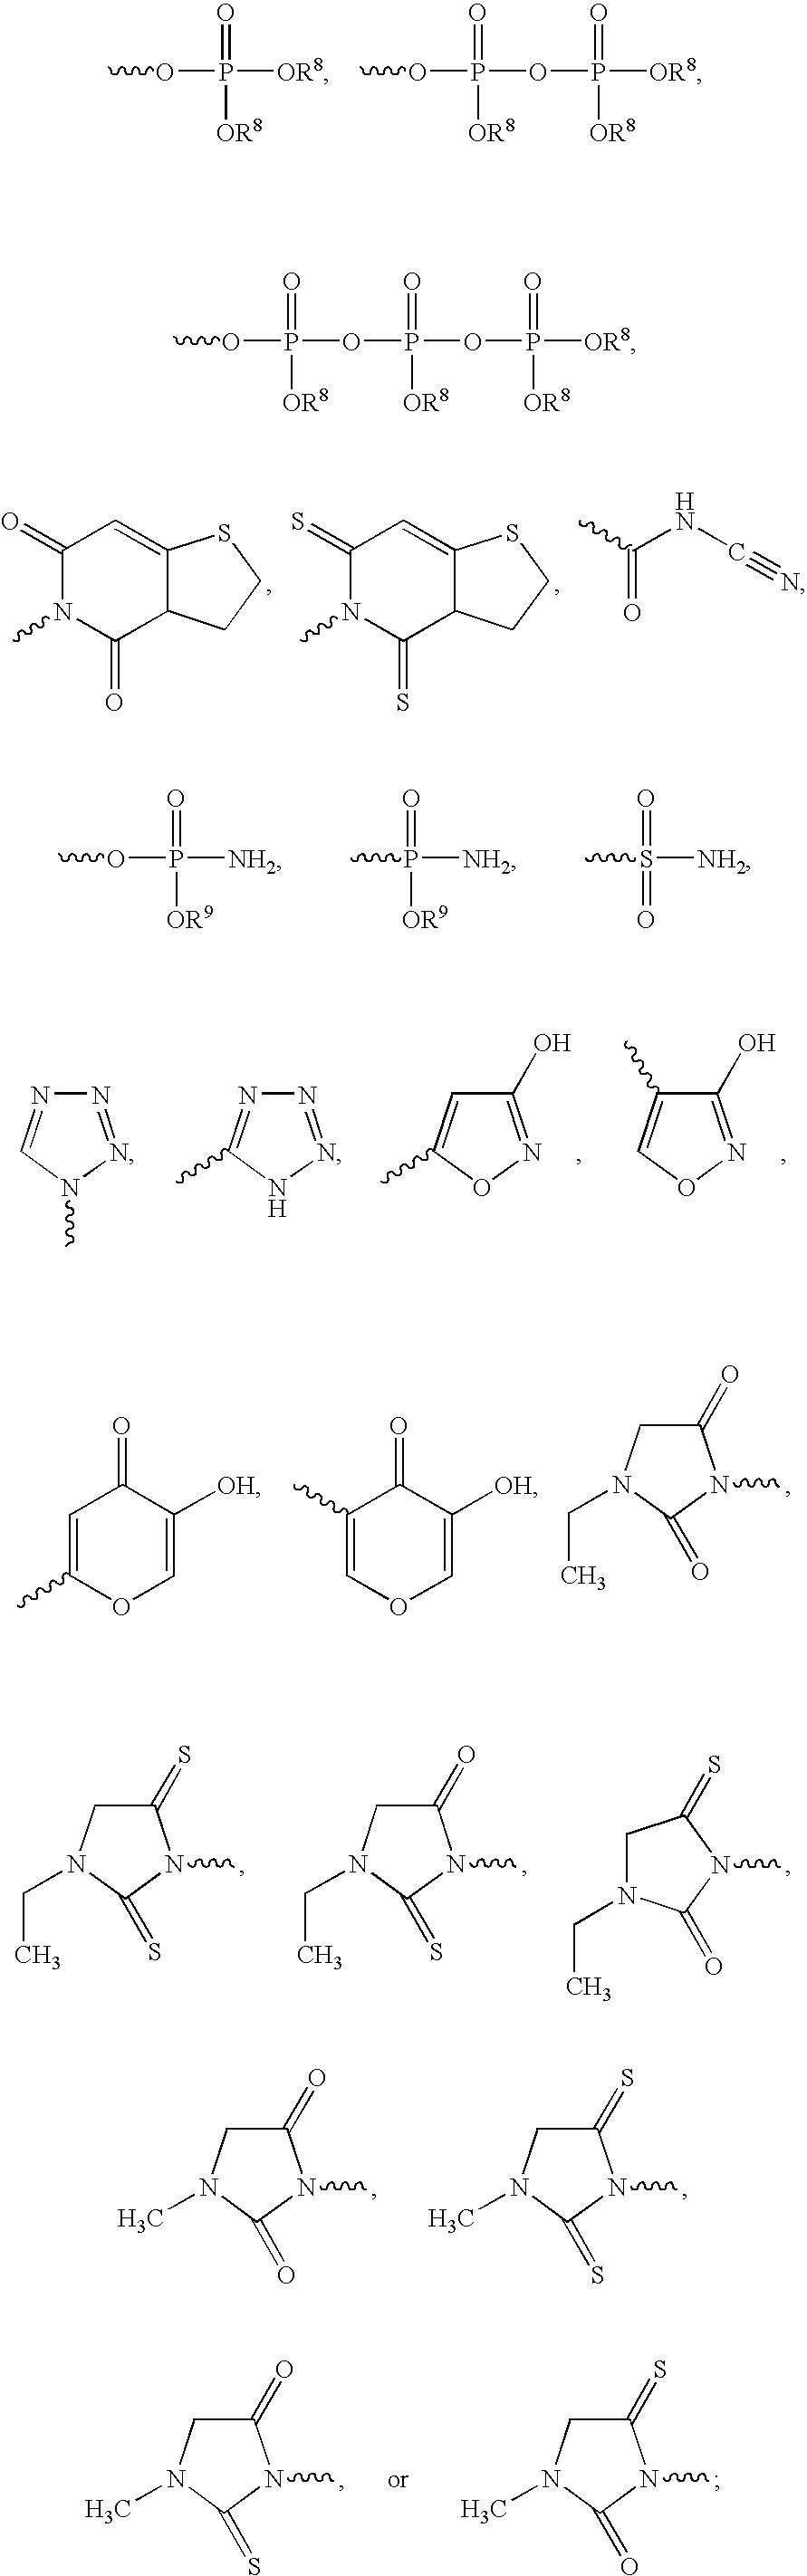 Figure US20040192771A1-20040930-C00003